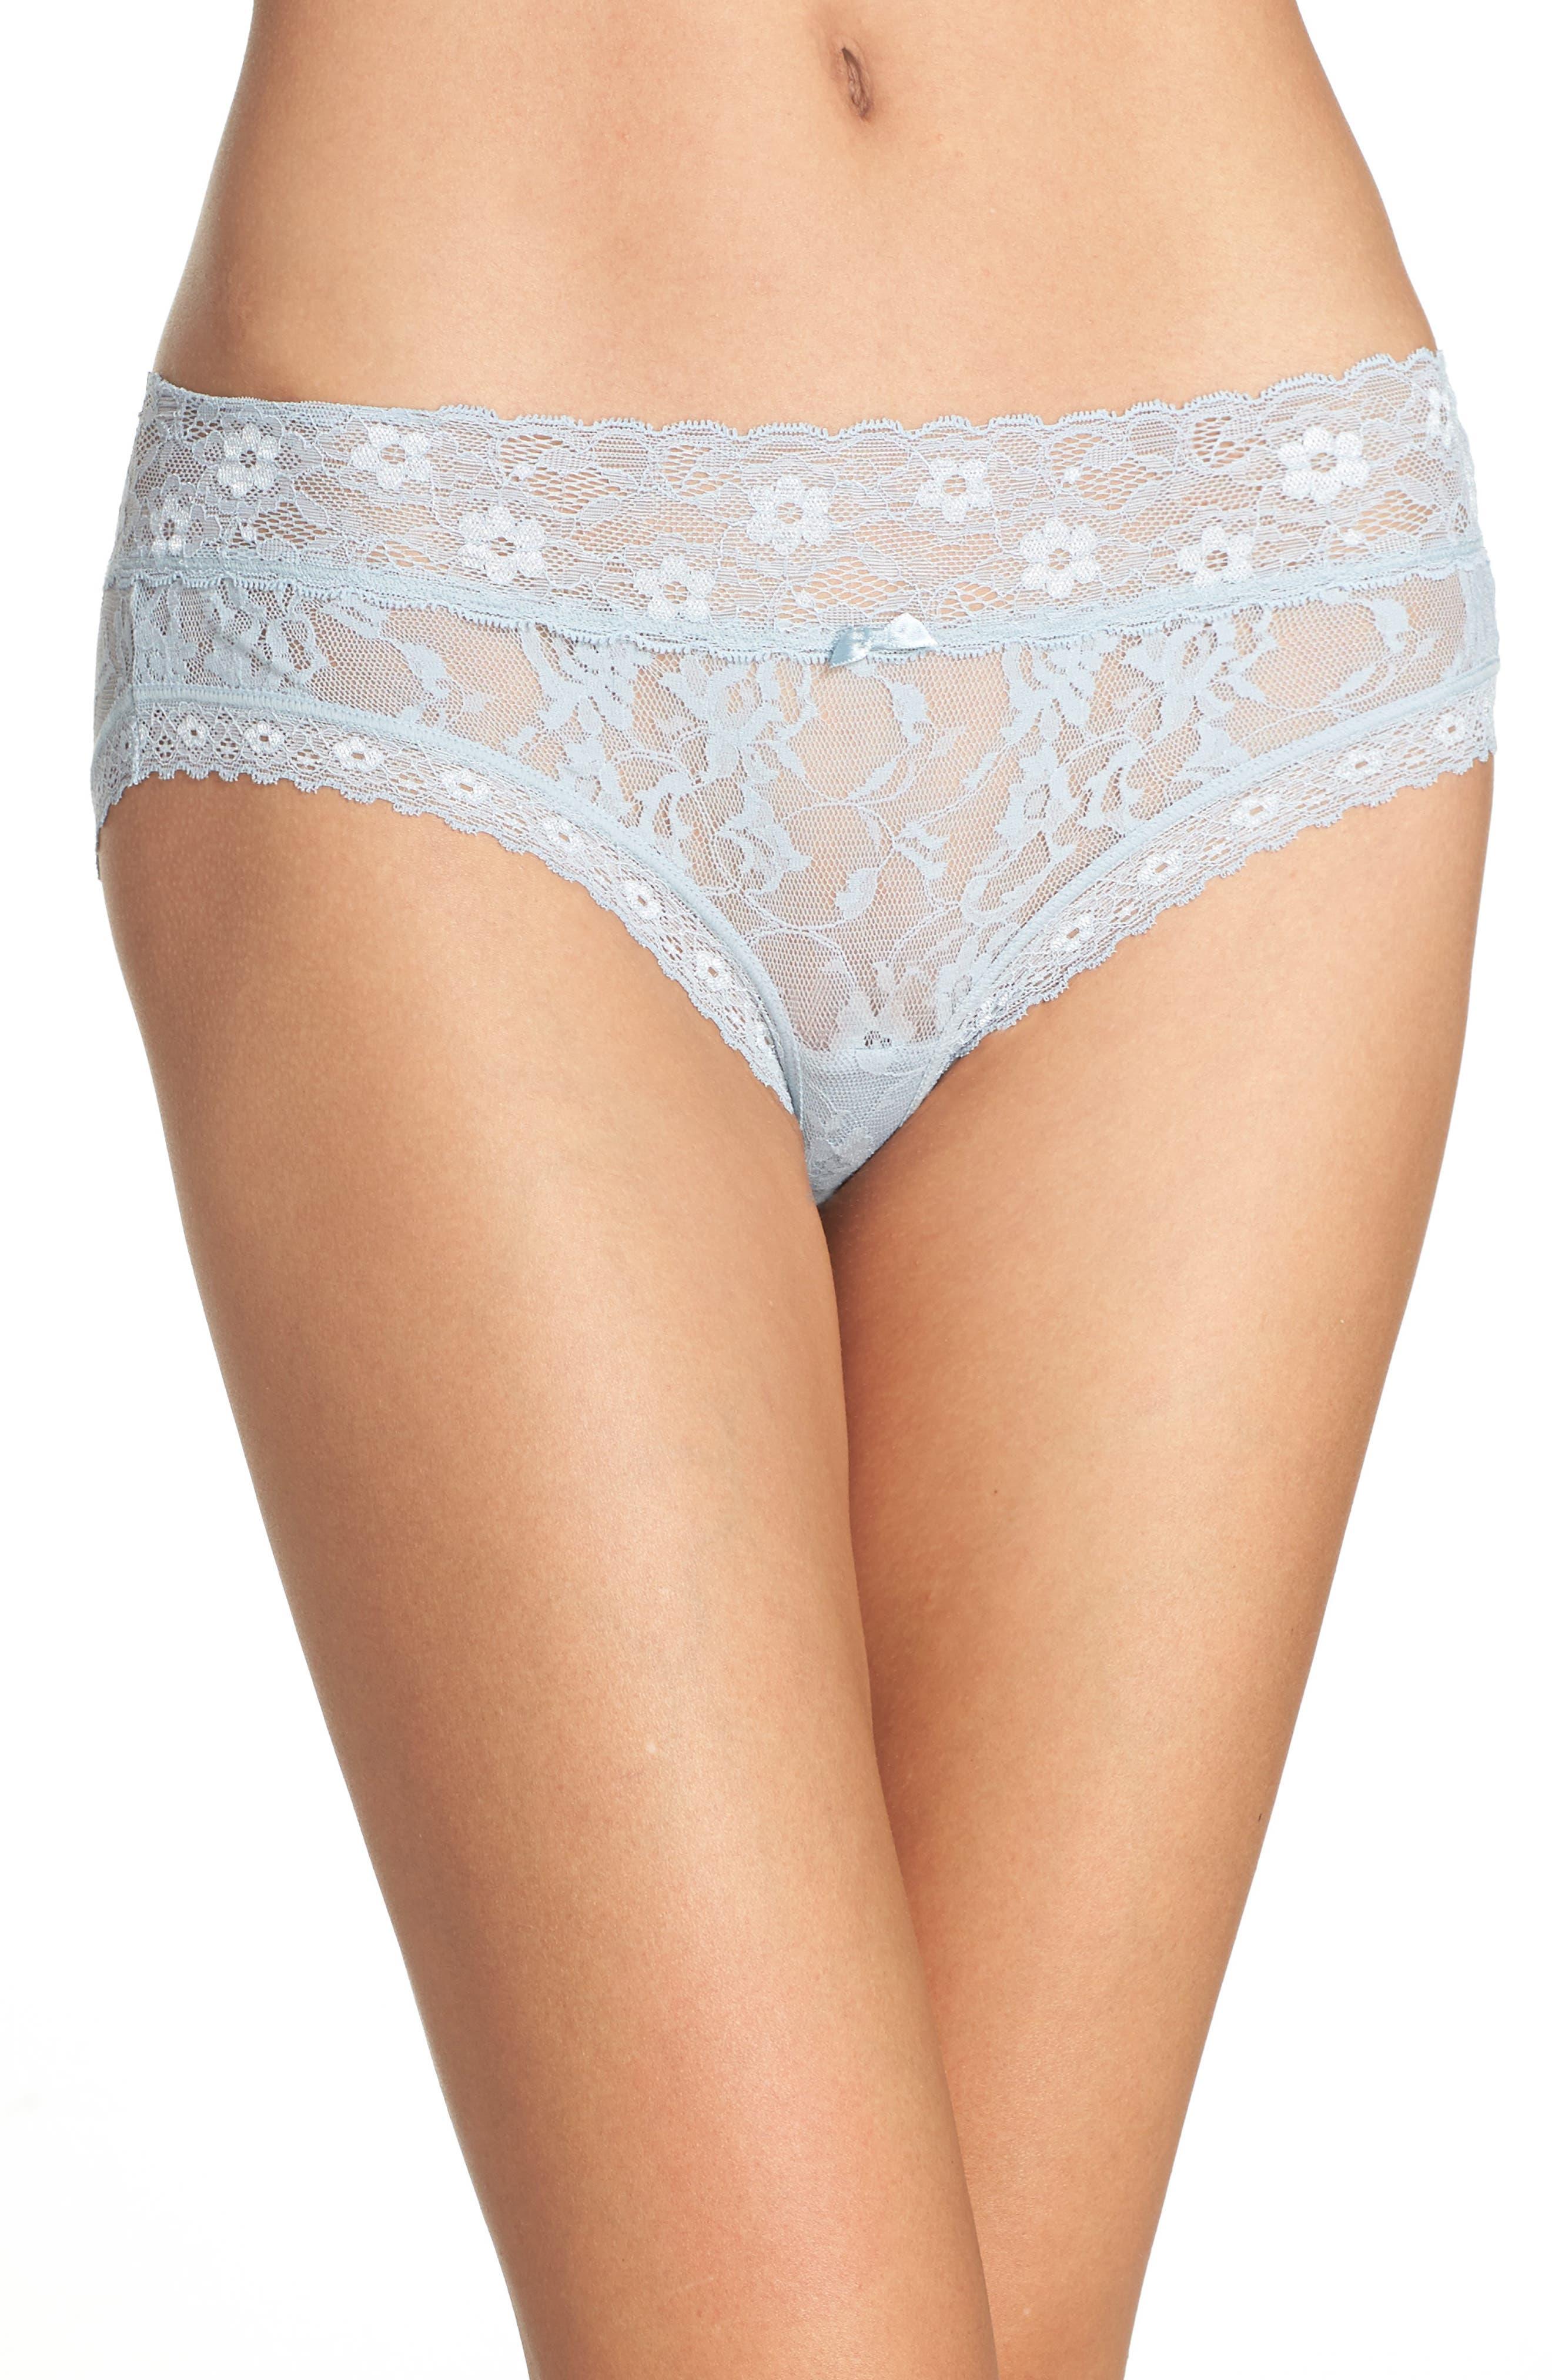 Main Image - DKNY 'Signature Lace' Bikini (3 for $30)